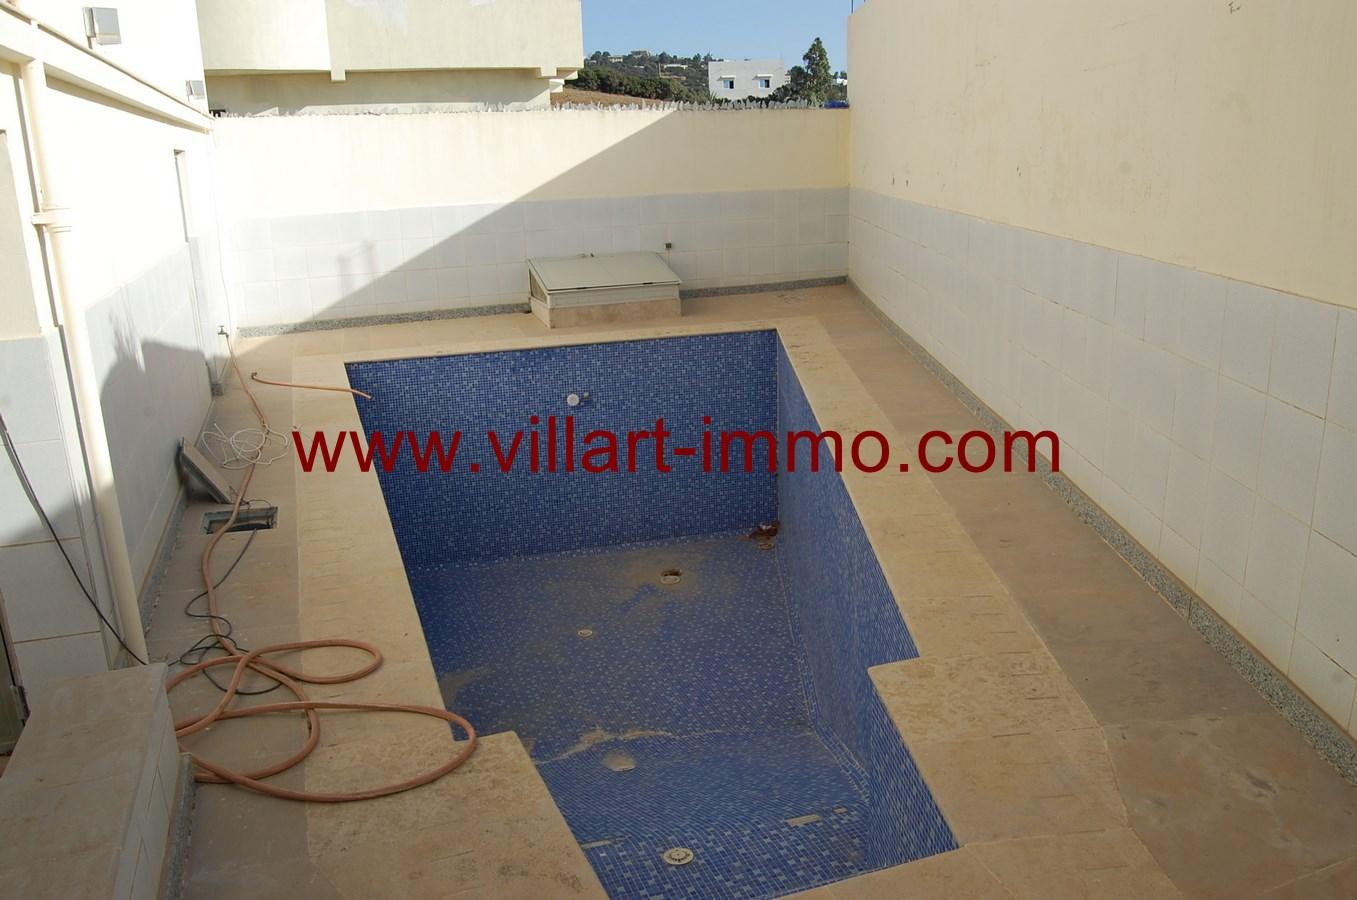 14-vente-maison-tanger-jbilat-piscine-vm408-villart-immo